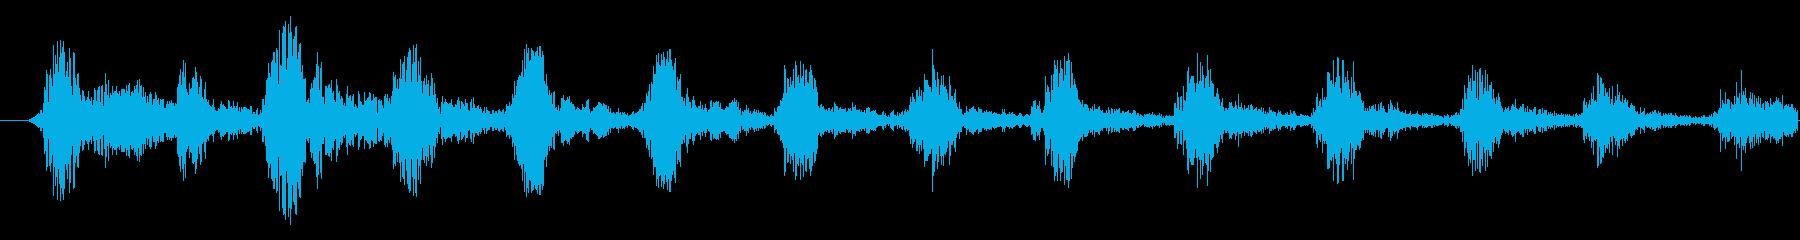 【ホラー/悪魔/声/ガハハハ/BOSS】の再生済みの波形